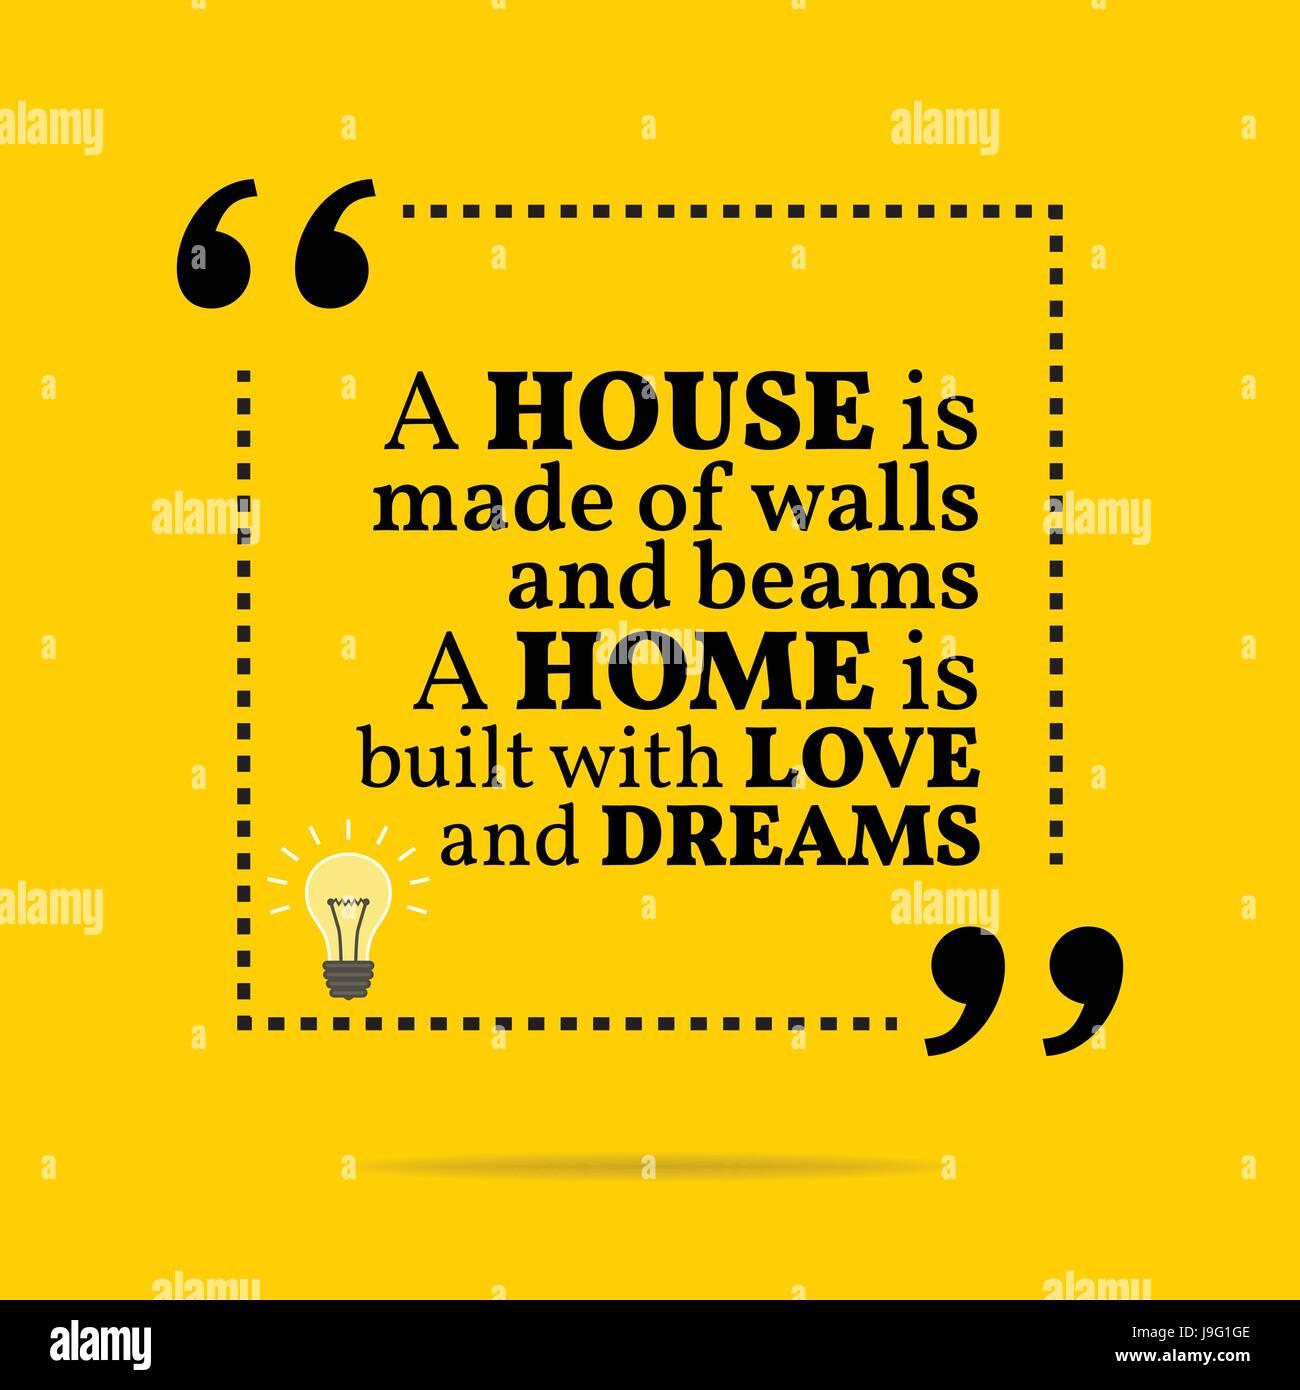 Extrem Inspirierend, motivierend Zitat. Ein Haus setzt sich aus Wände und VR17